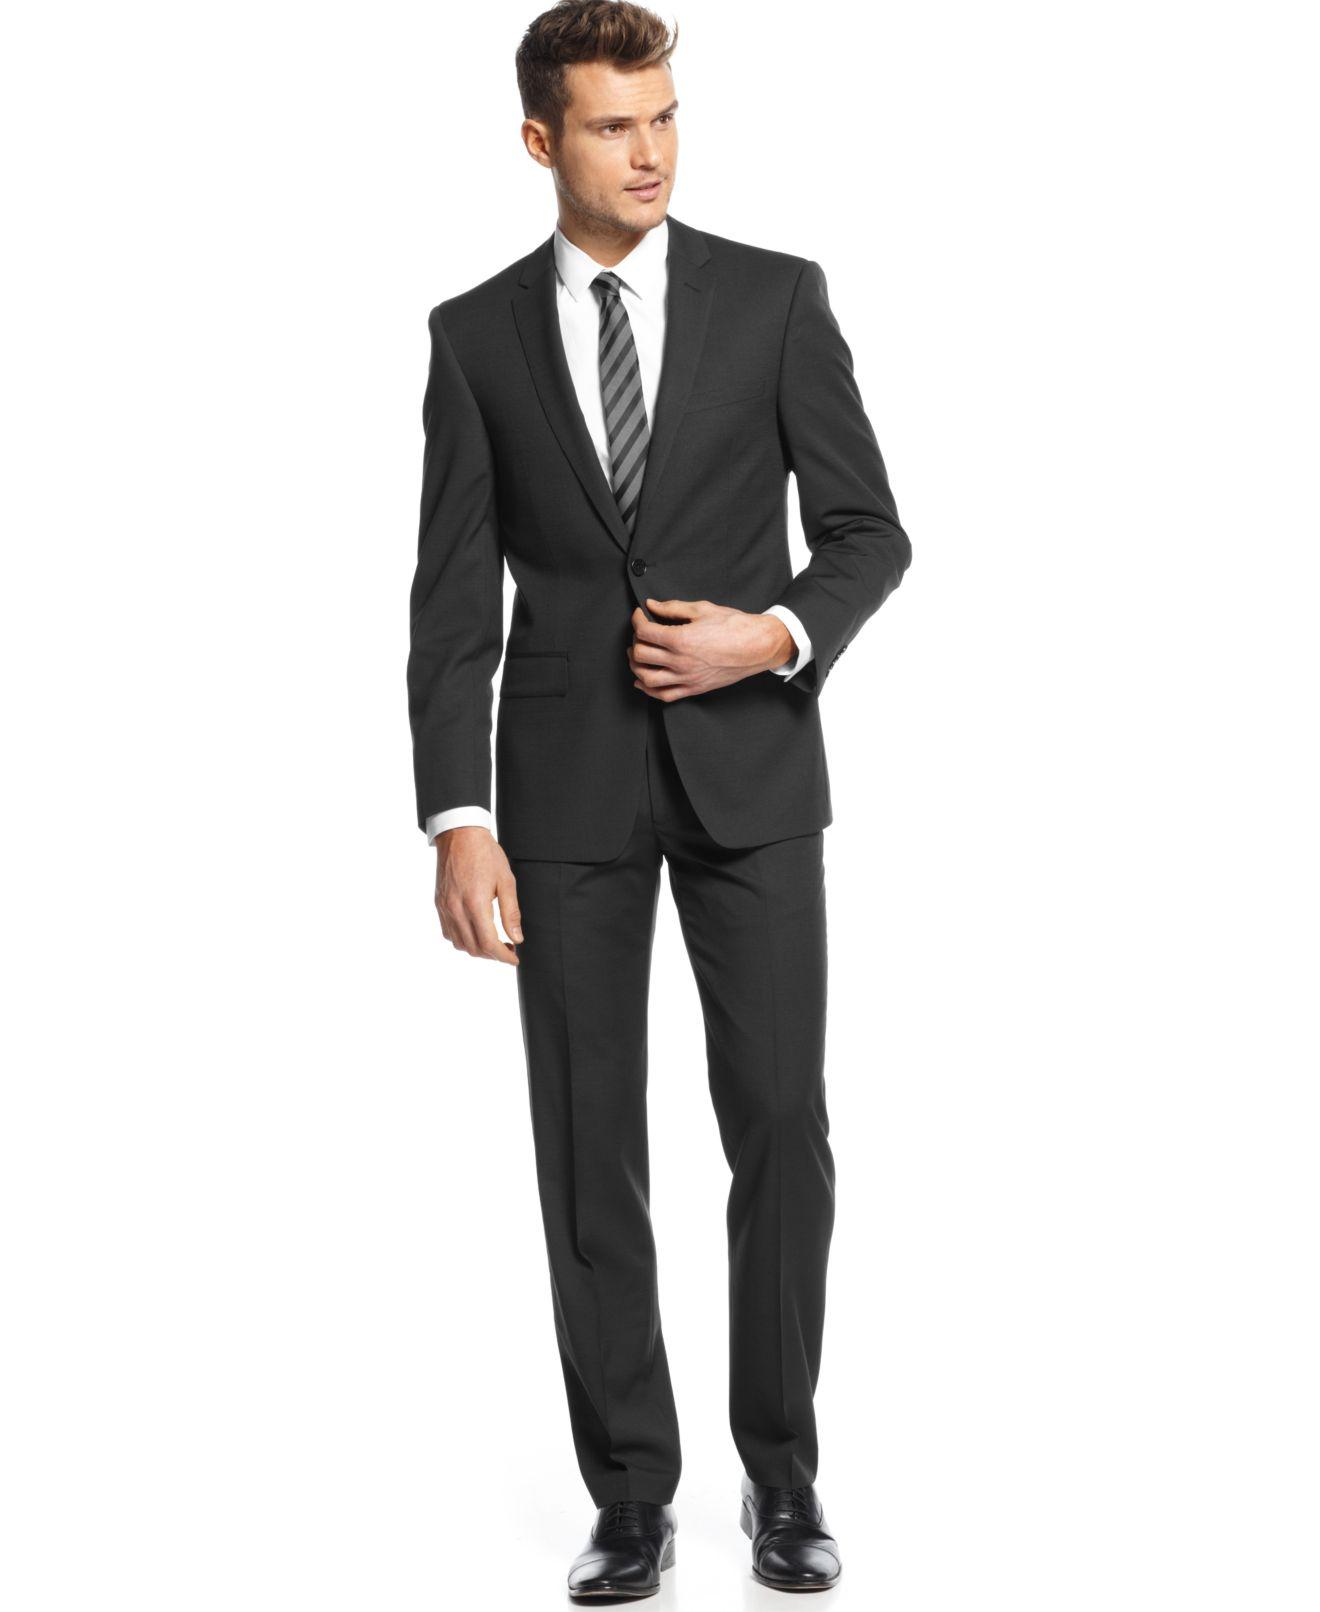 DKNY Black Pindot Suit Separates Extra Slim Fit - Suits & Suit